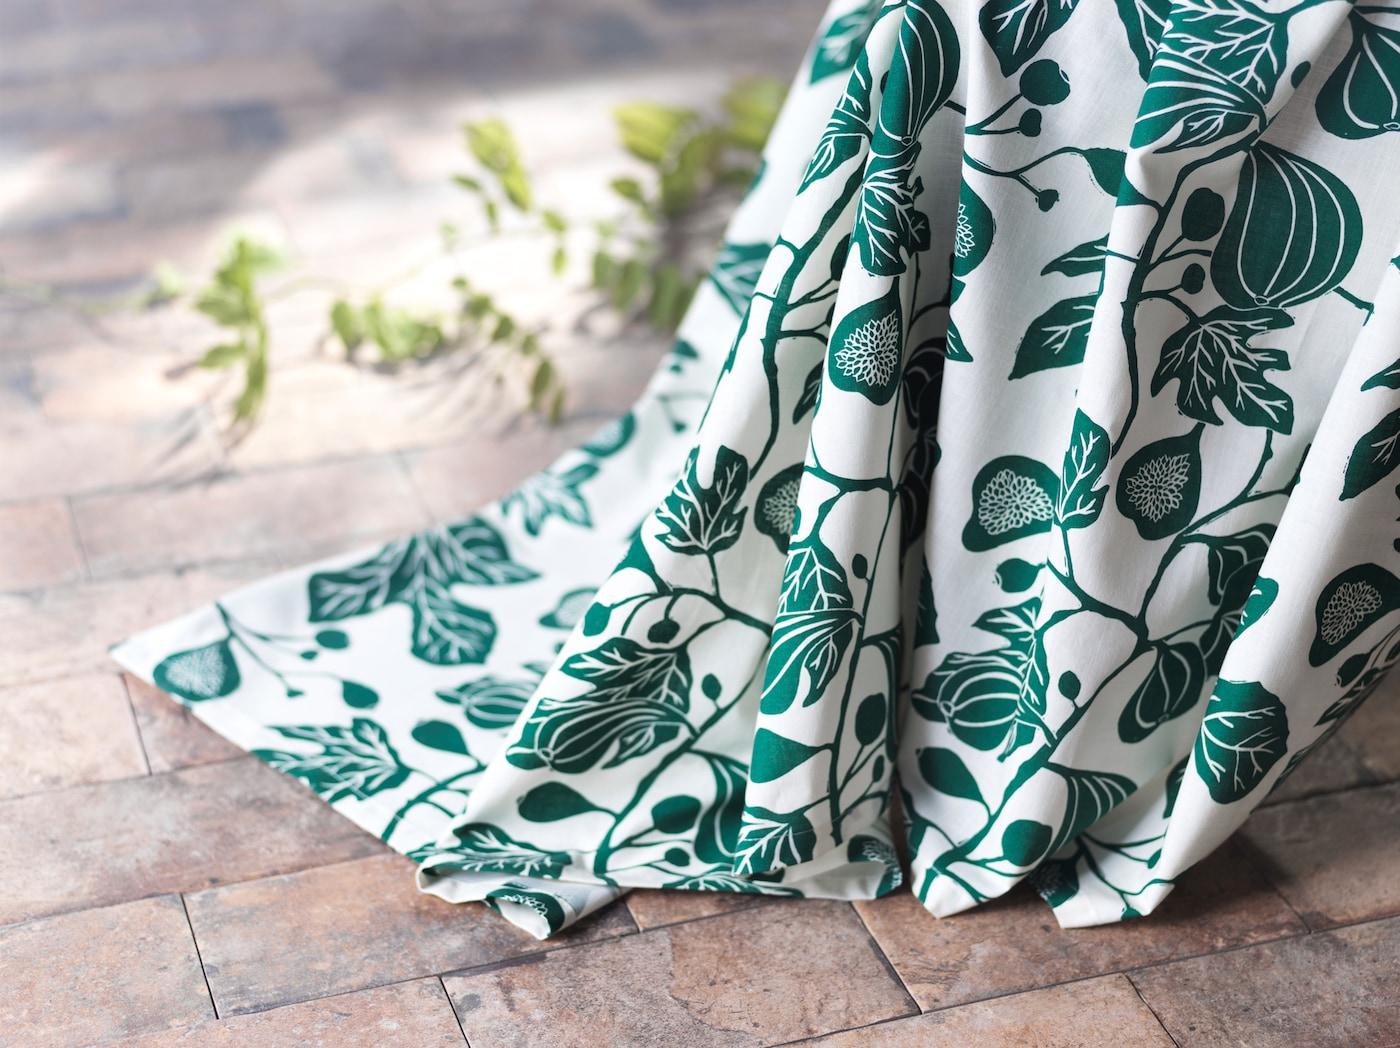 Dettaglio delle tende ALPKLÖVER con motivo a foglia di fico bianco e verde - IKEA